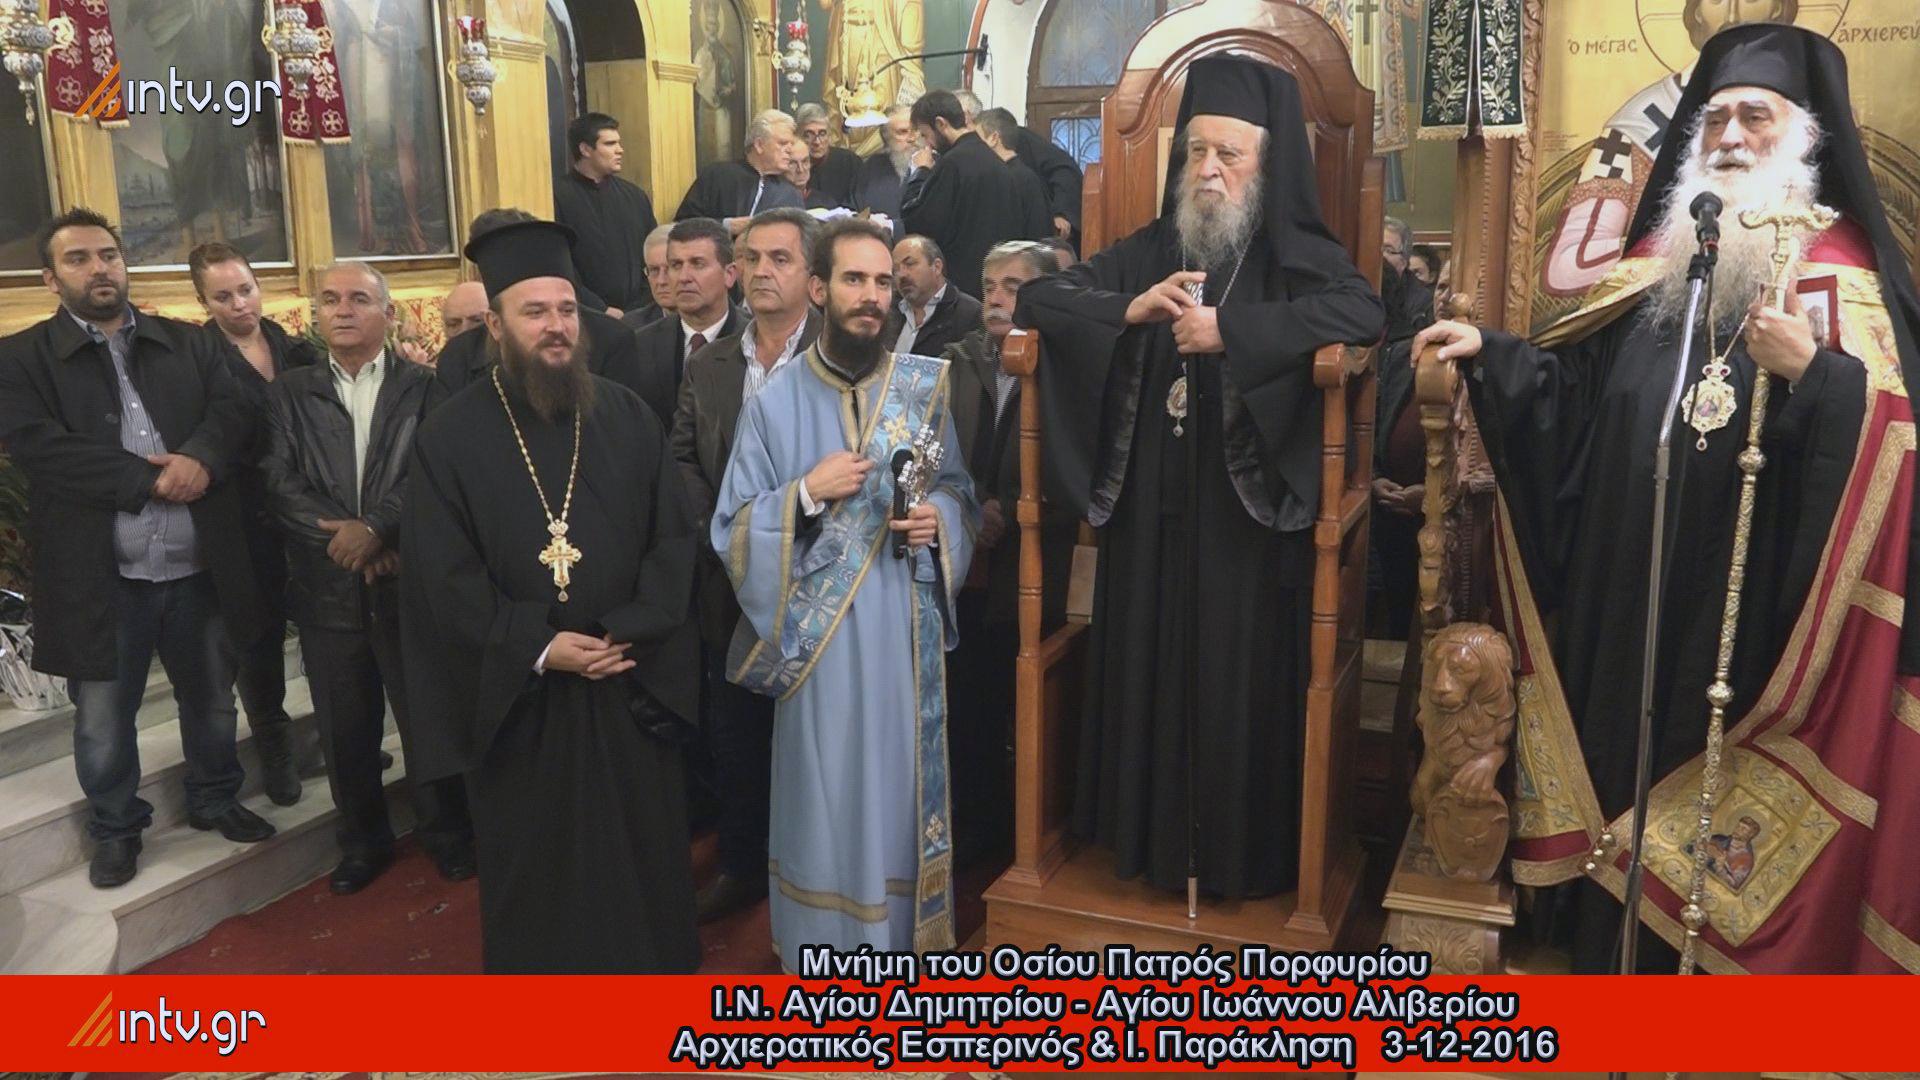 Μνήμη του Οσίου Πατρός Πορφυρίου - Ι.Ν. Αγίου Δημητρίου - Αγίου Ιωάννου Αλιβερίου - Αρχιερατικός Εσπερινός & Ι. Παράκληση